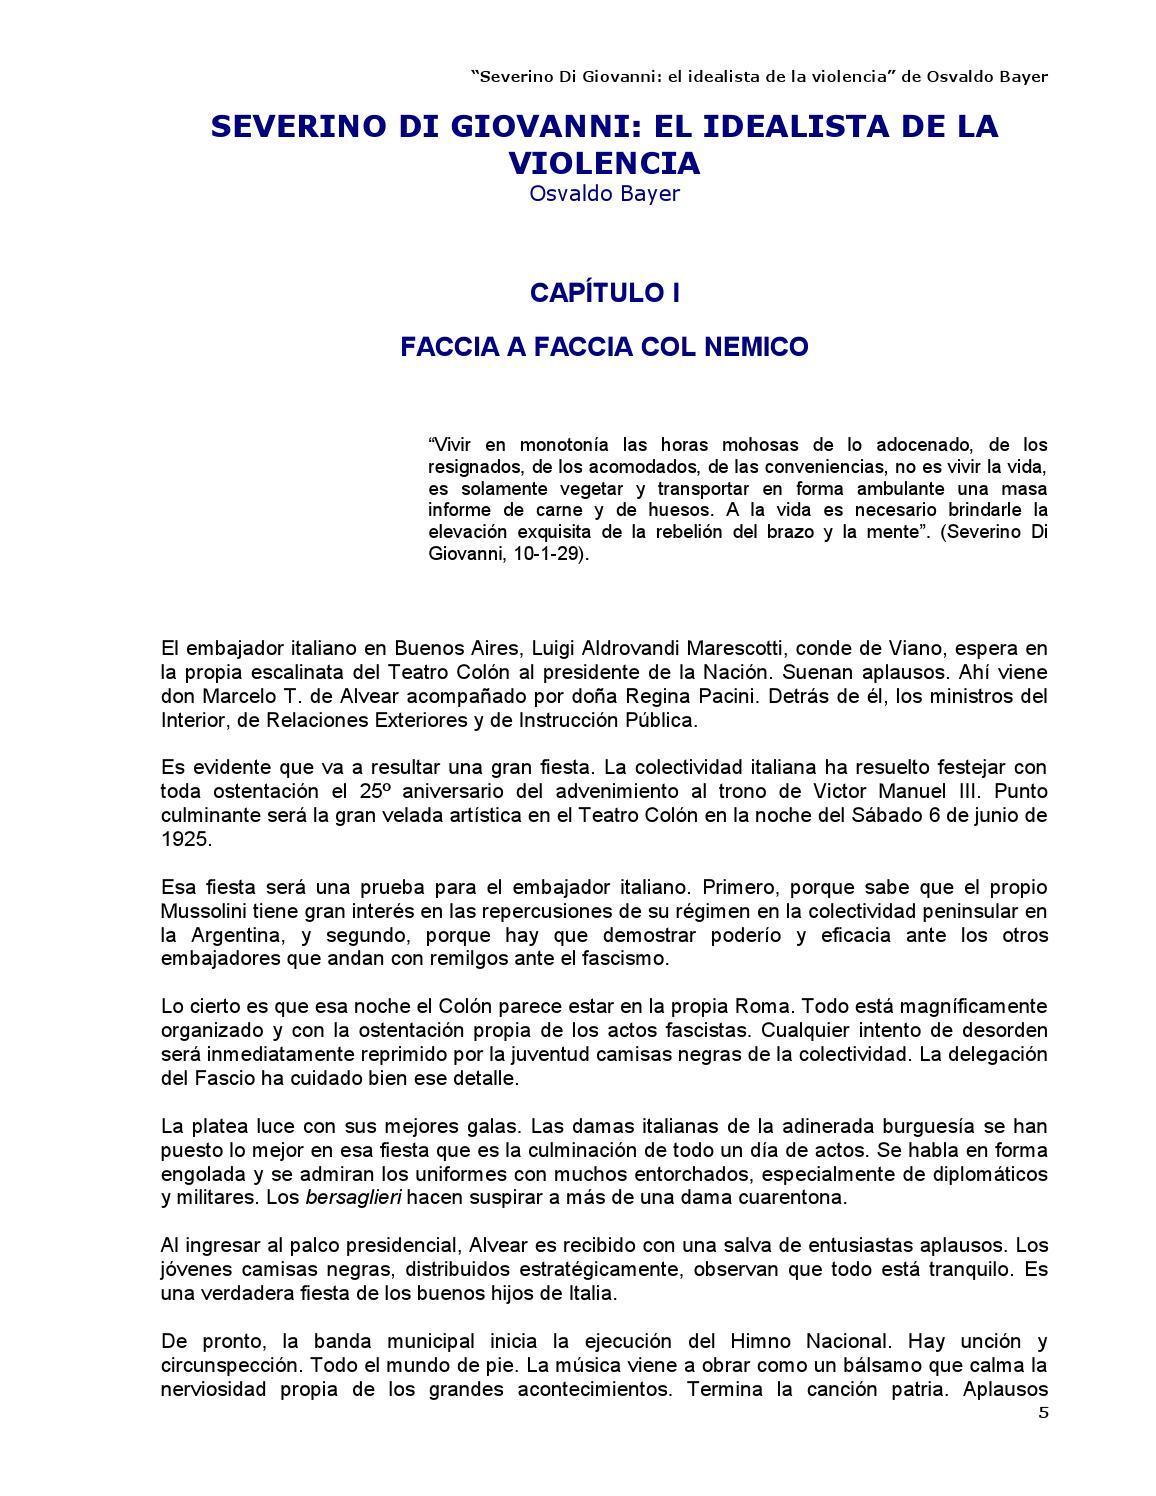 Severino Di Giovanni - Osvaldo Bayer by Kclibertaria - issuu